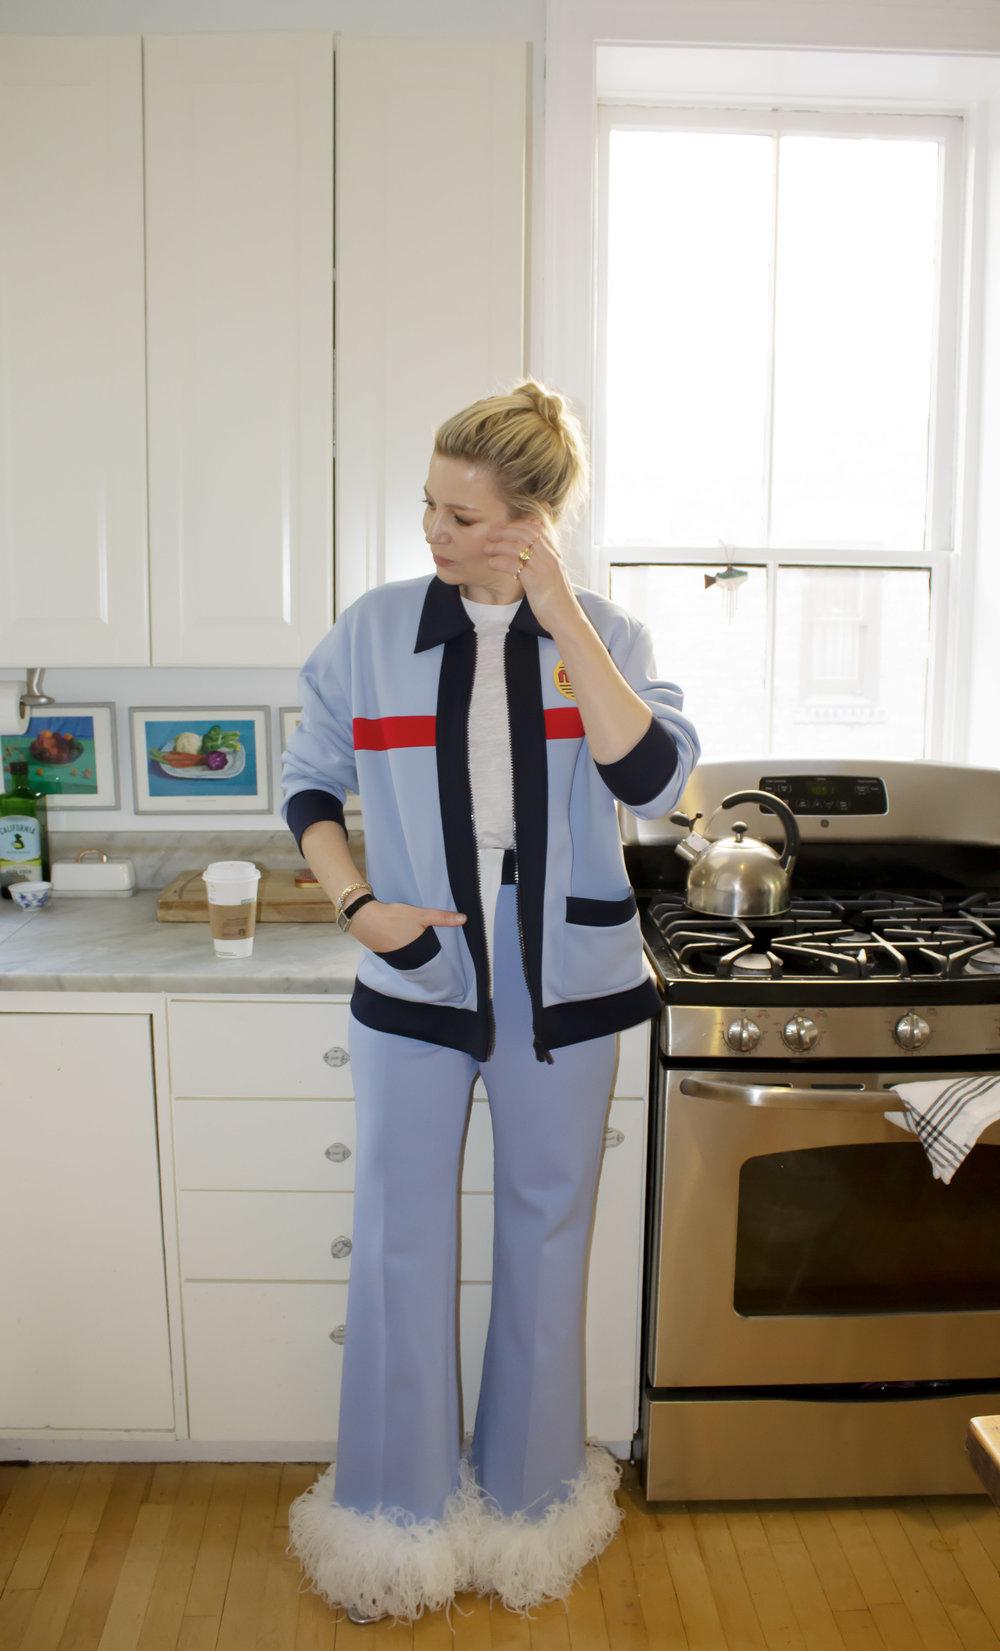 Miu Miu Jacket & Pants, Available at Ssense